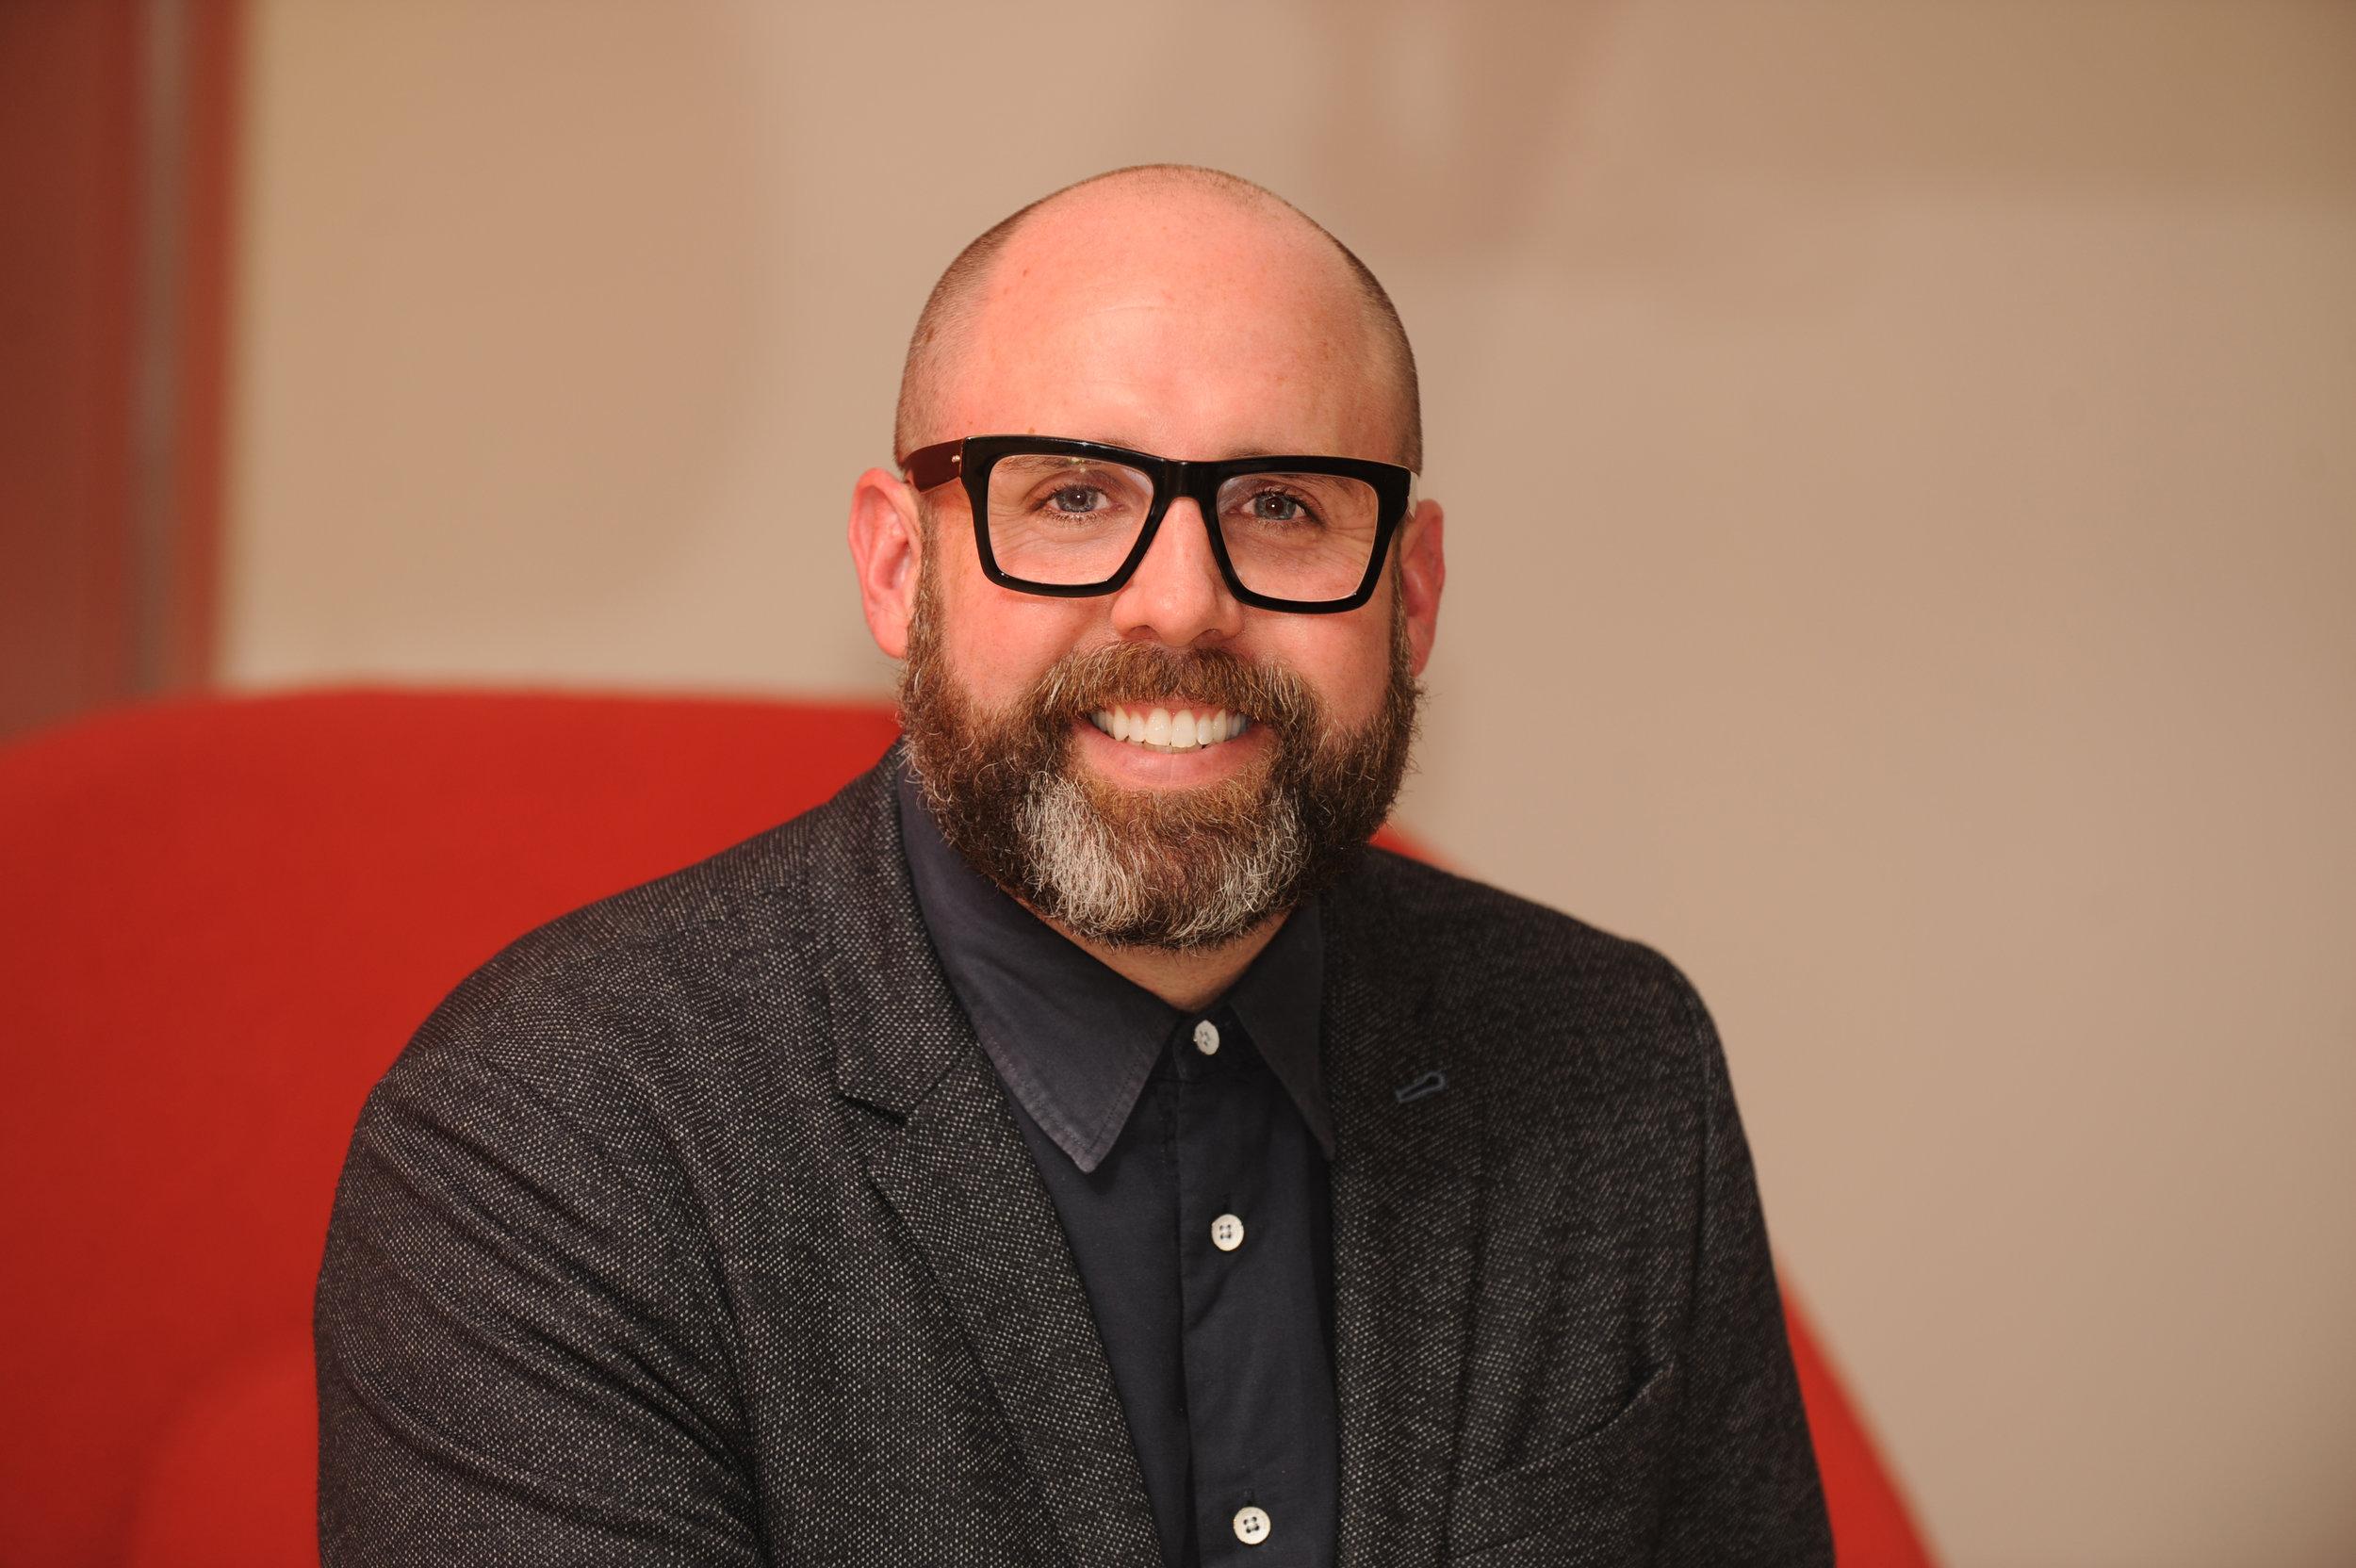 Matt Denning, Principal, KBM-Hogue